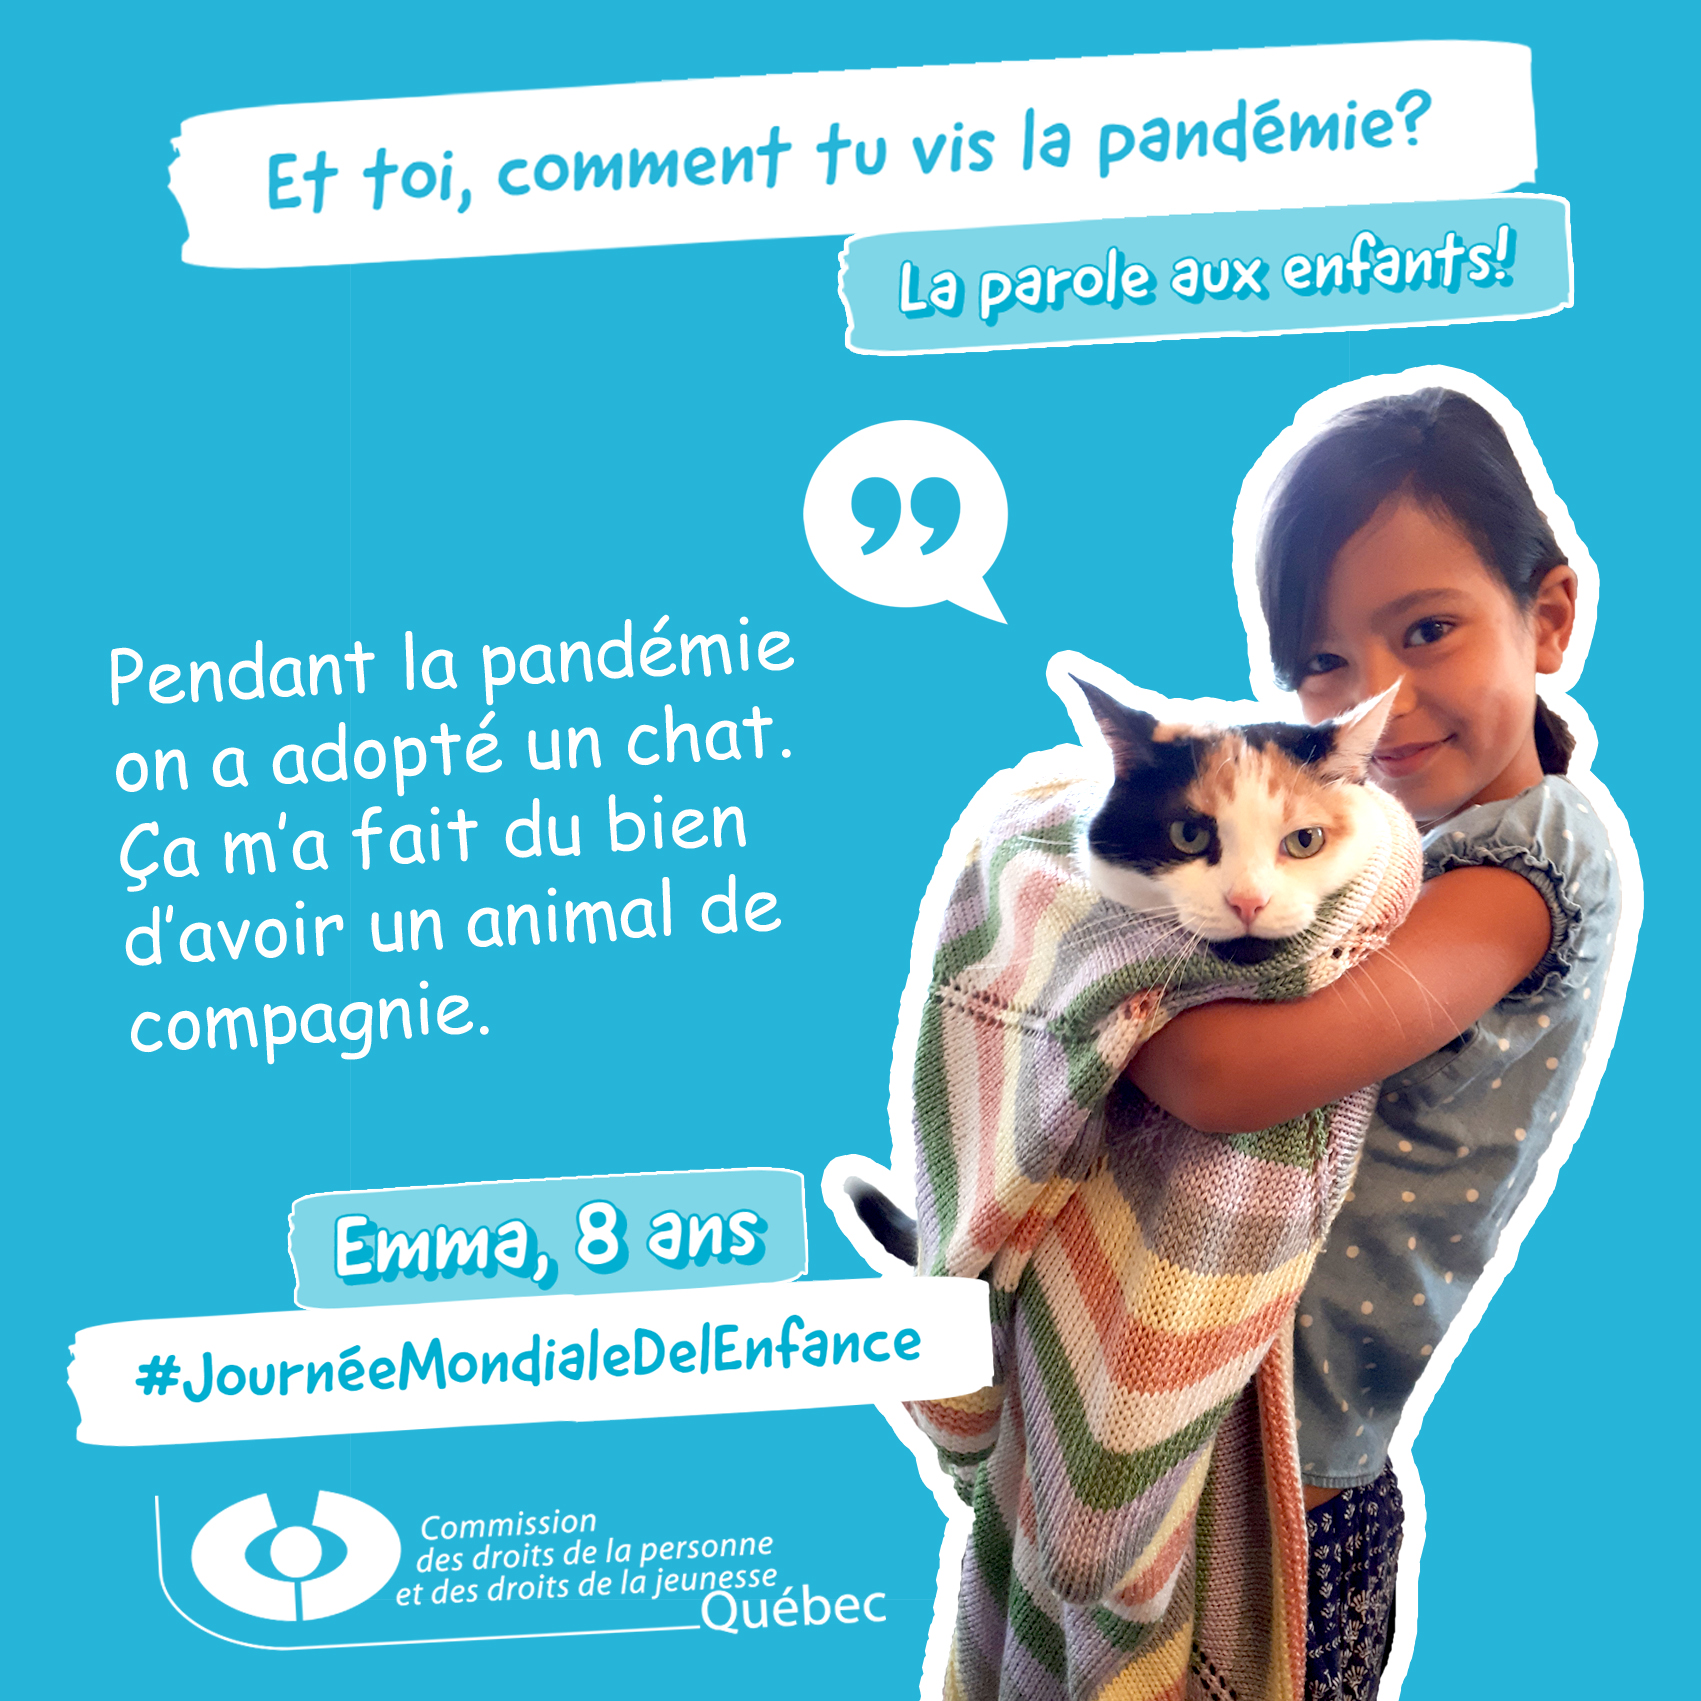 Photo et citation d'Emma qui répond à la question Et toi, comment tu vis la pandémie?